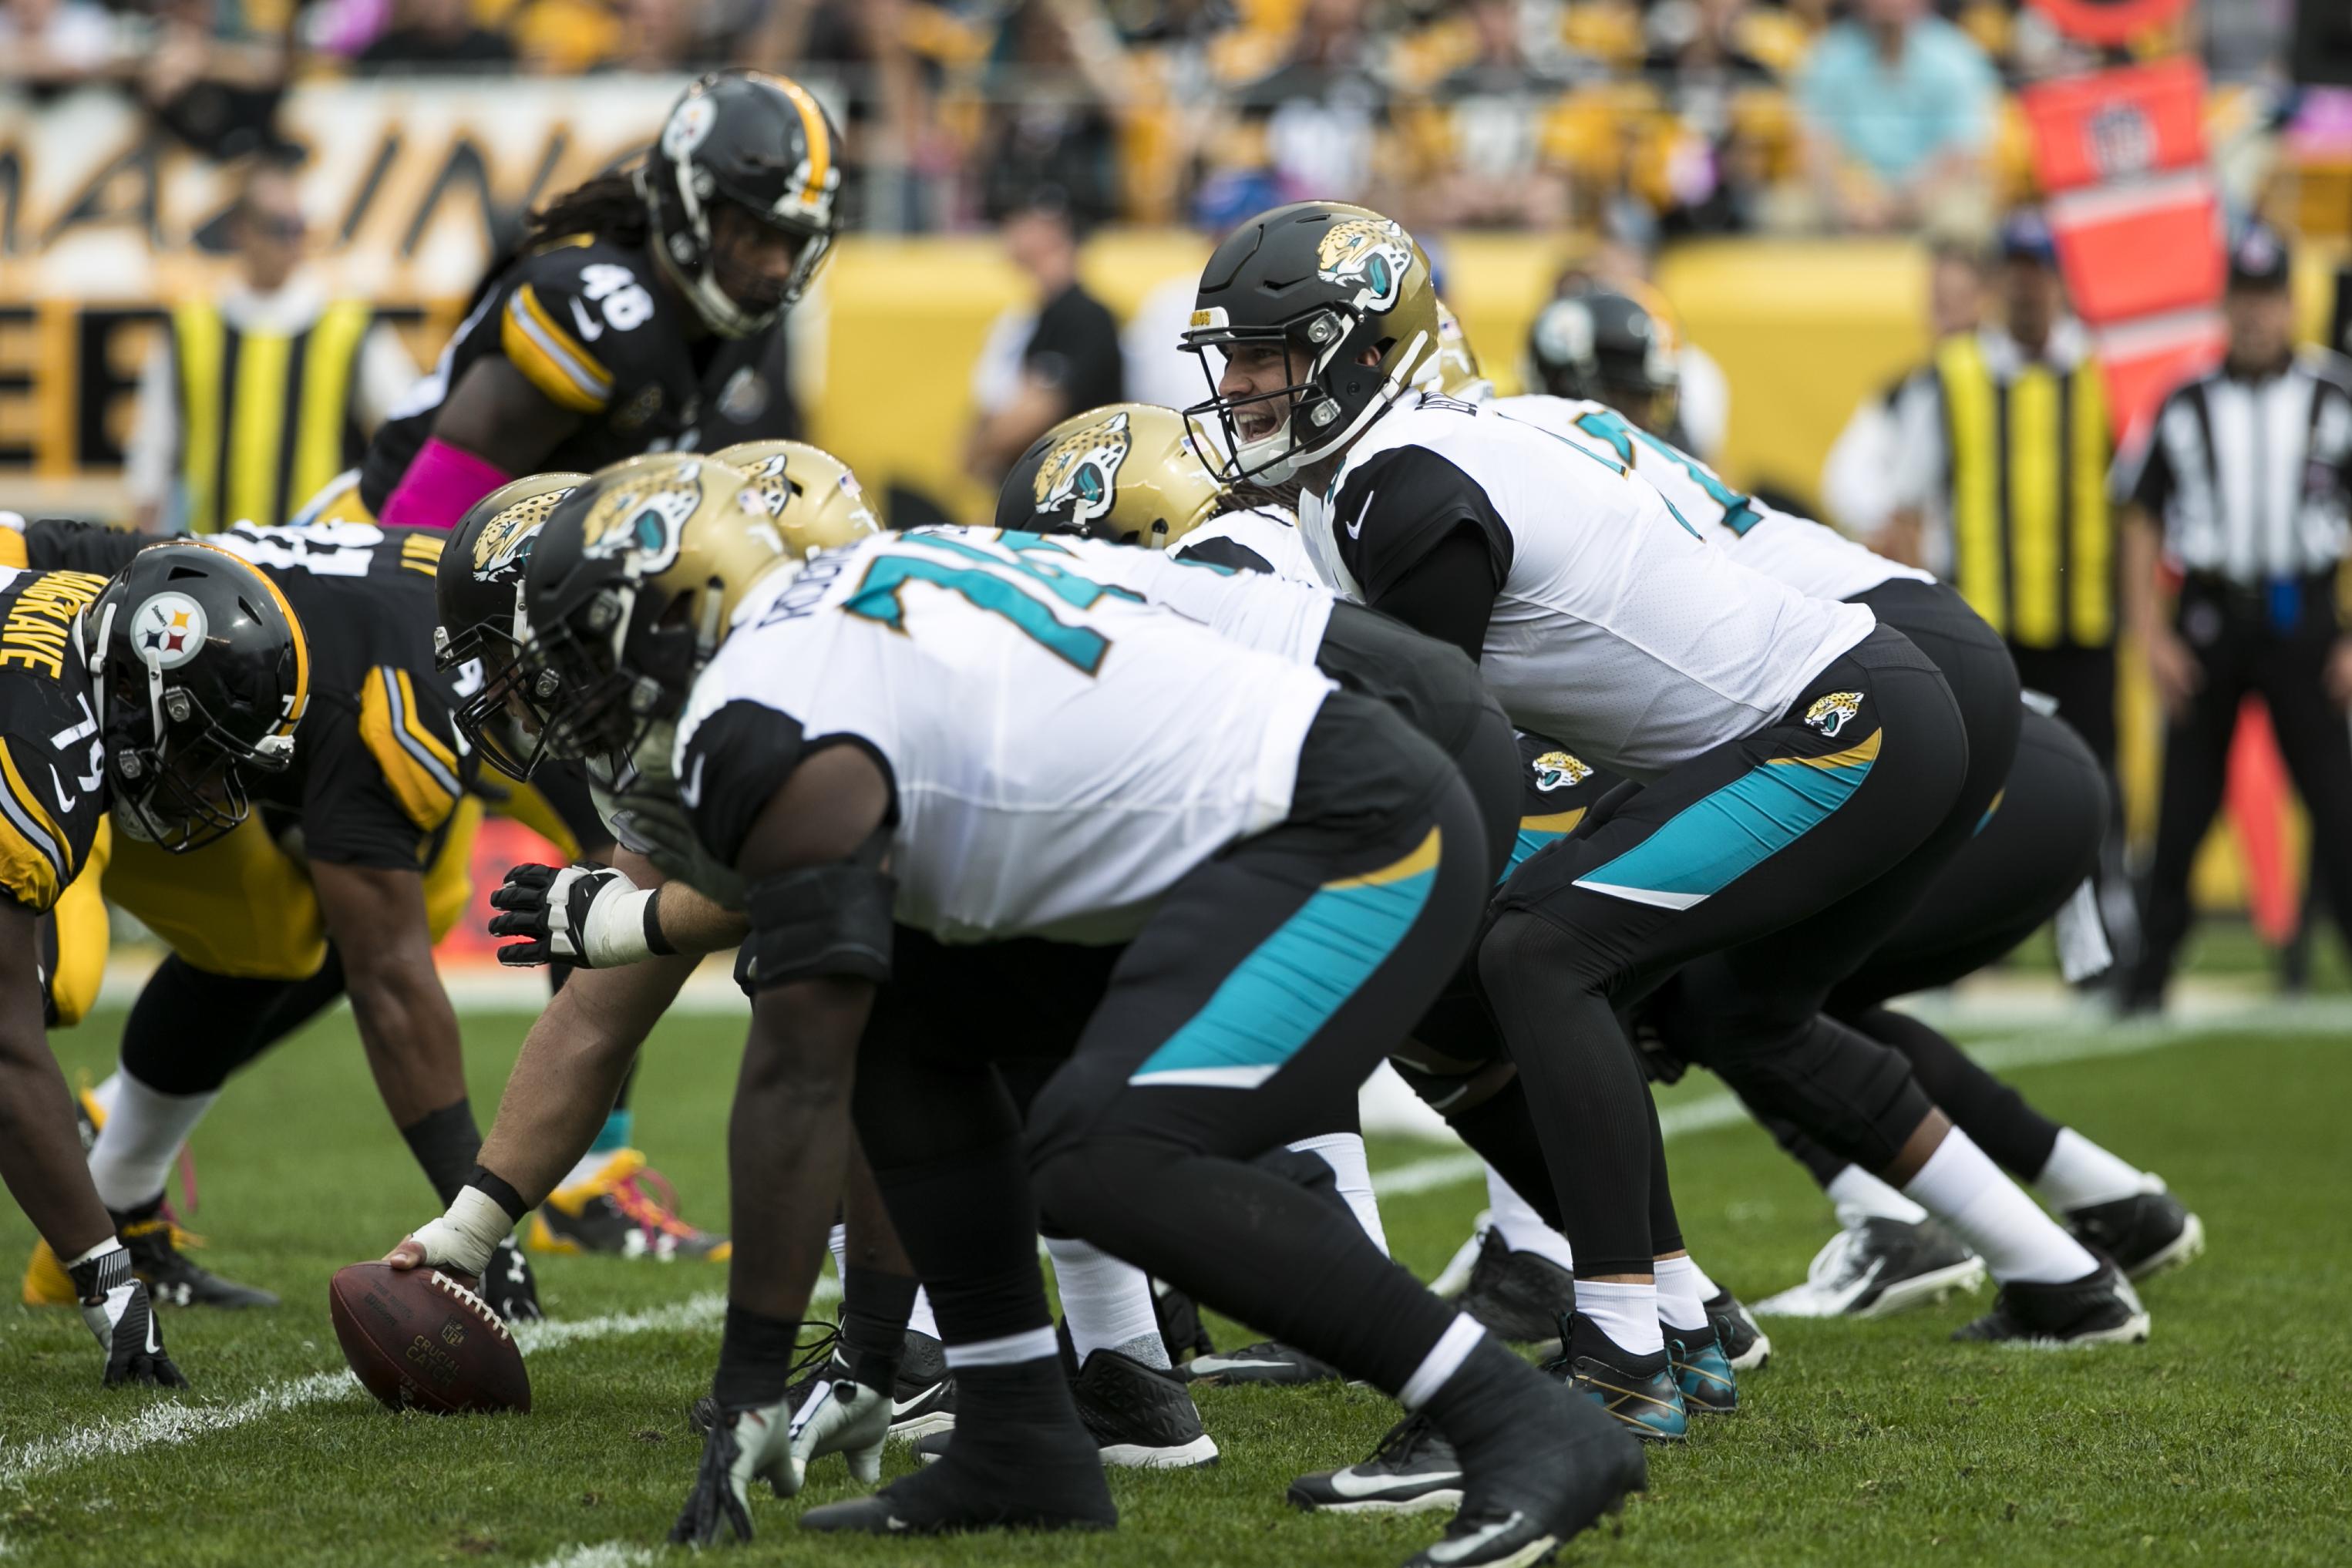 NFL: OCT 08 Jaguars at Steelers